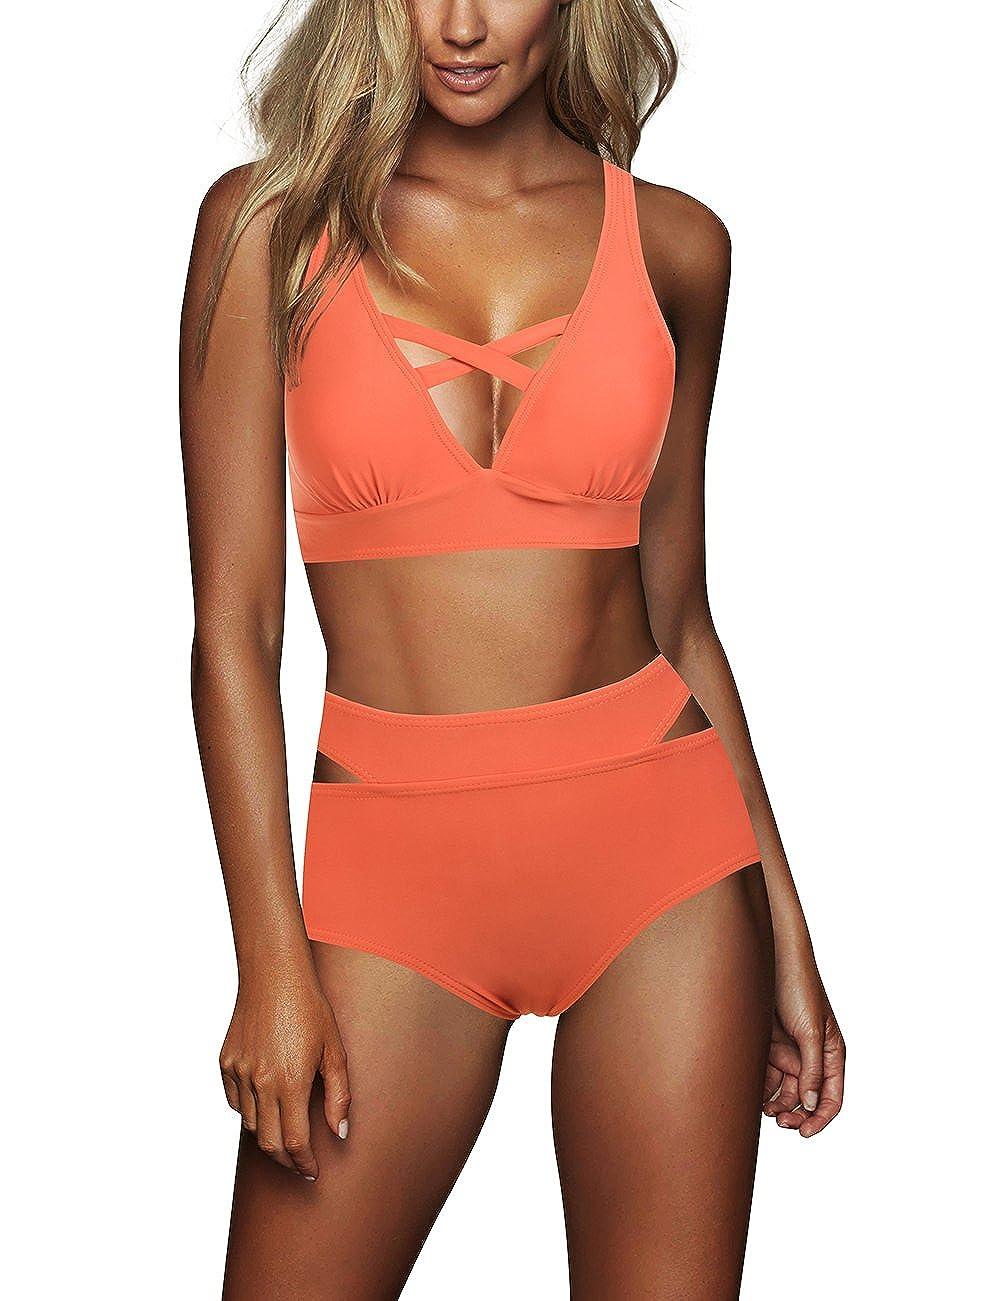 orange FeelinGirl Women's B Cup Beauty Floar Lace Bustier Party Crop Top Bra